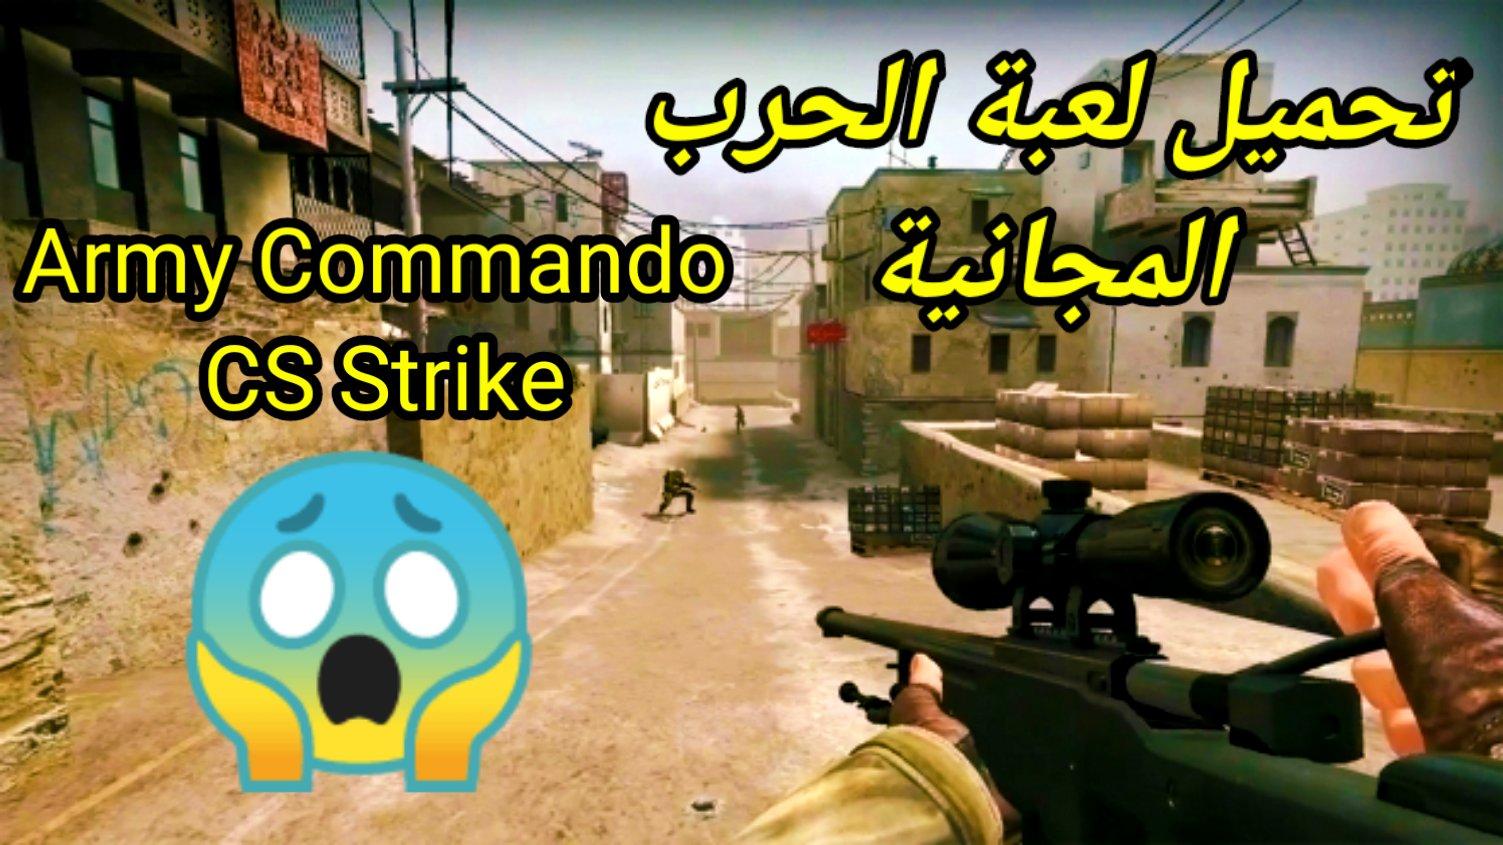 Army Commando CS Strike تحميل  المجانية